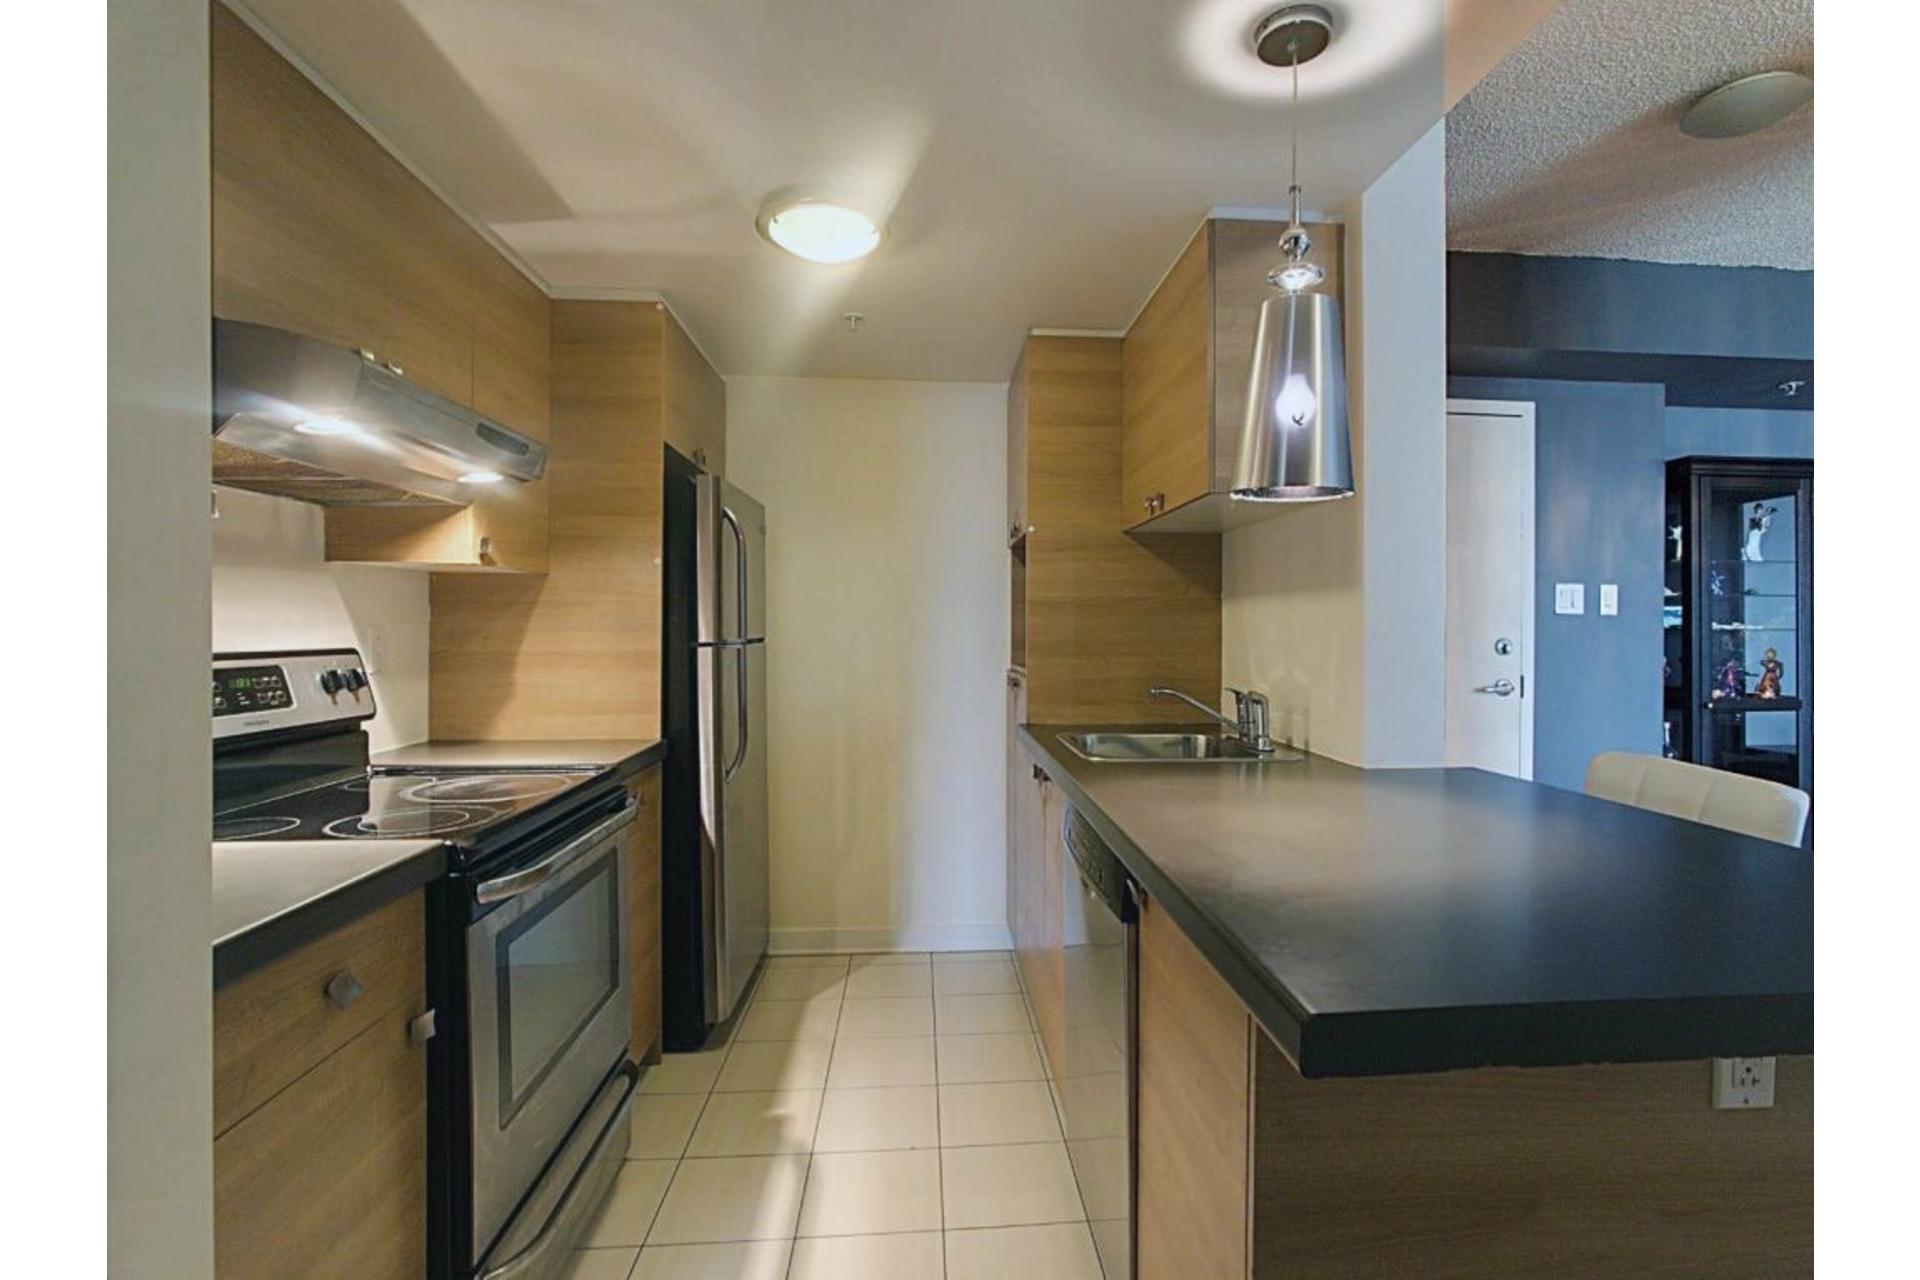 image 9 - Apartment For sale Ahuntsic-Cartierville Montréal  - 6 rooms